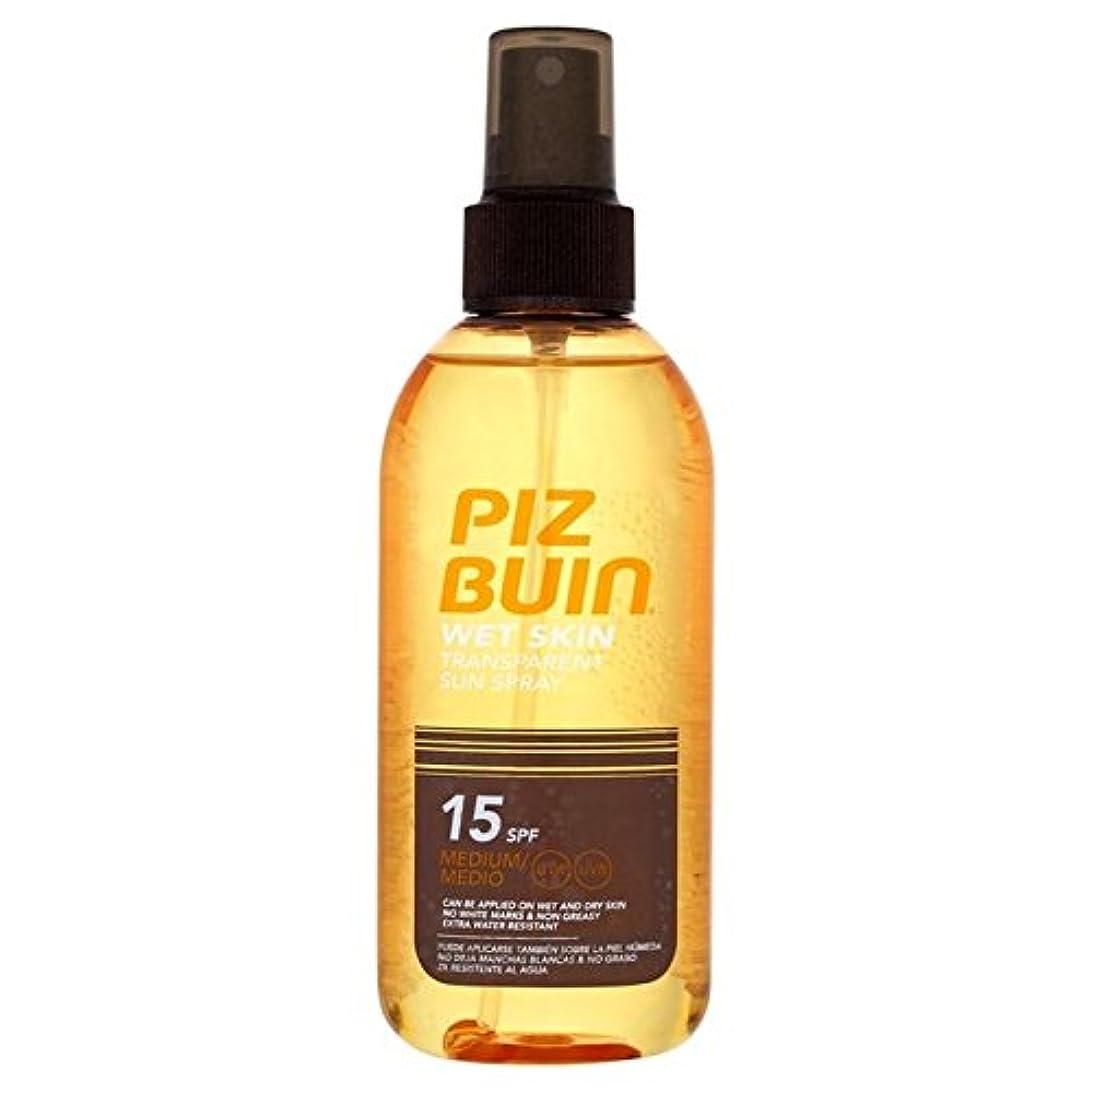 入場潜在的な記念碑Piz Buin Wet Transparent Skin SPF15 150ml - ピッツブーインの湿った透明肌15の150ミリリットル [並行輸入品]